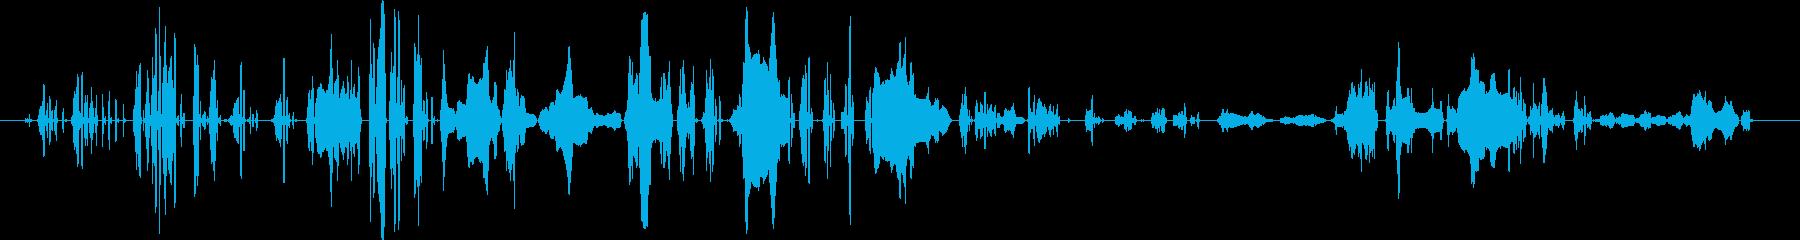 女性の悲鳴の再生済みの波形